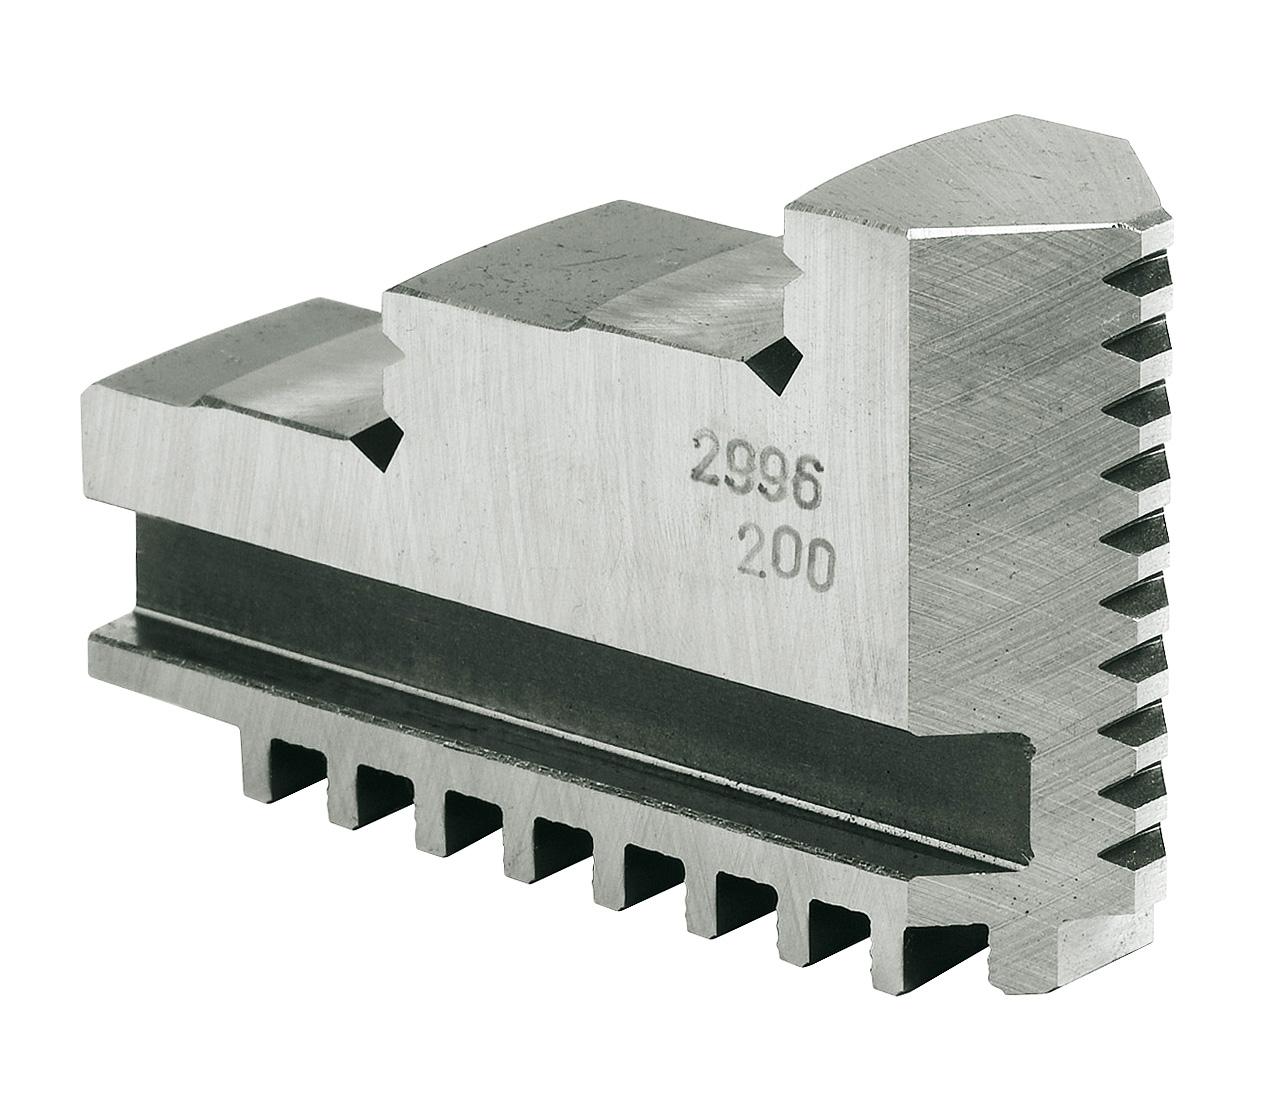 Szczęki jednolite twarde zewnętrzne - komplet DOJ-DK12-200 BERNARDO